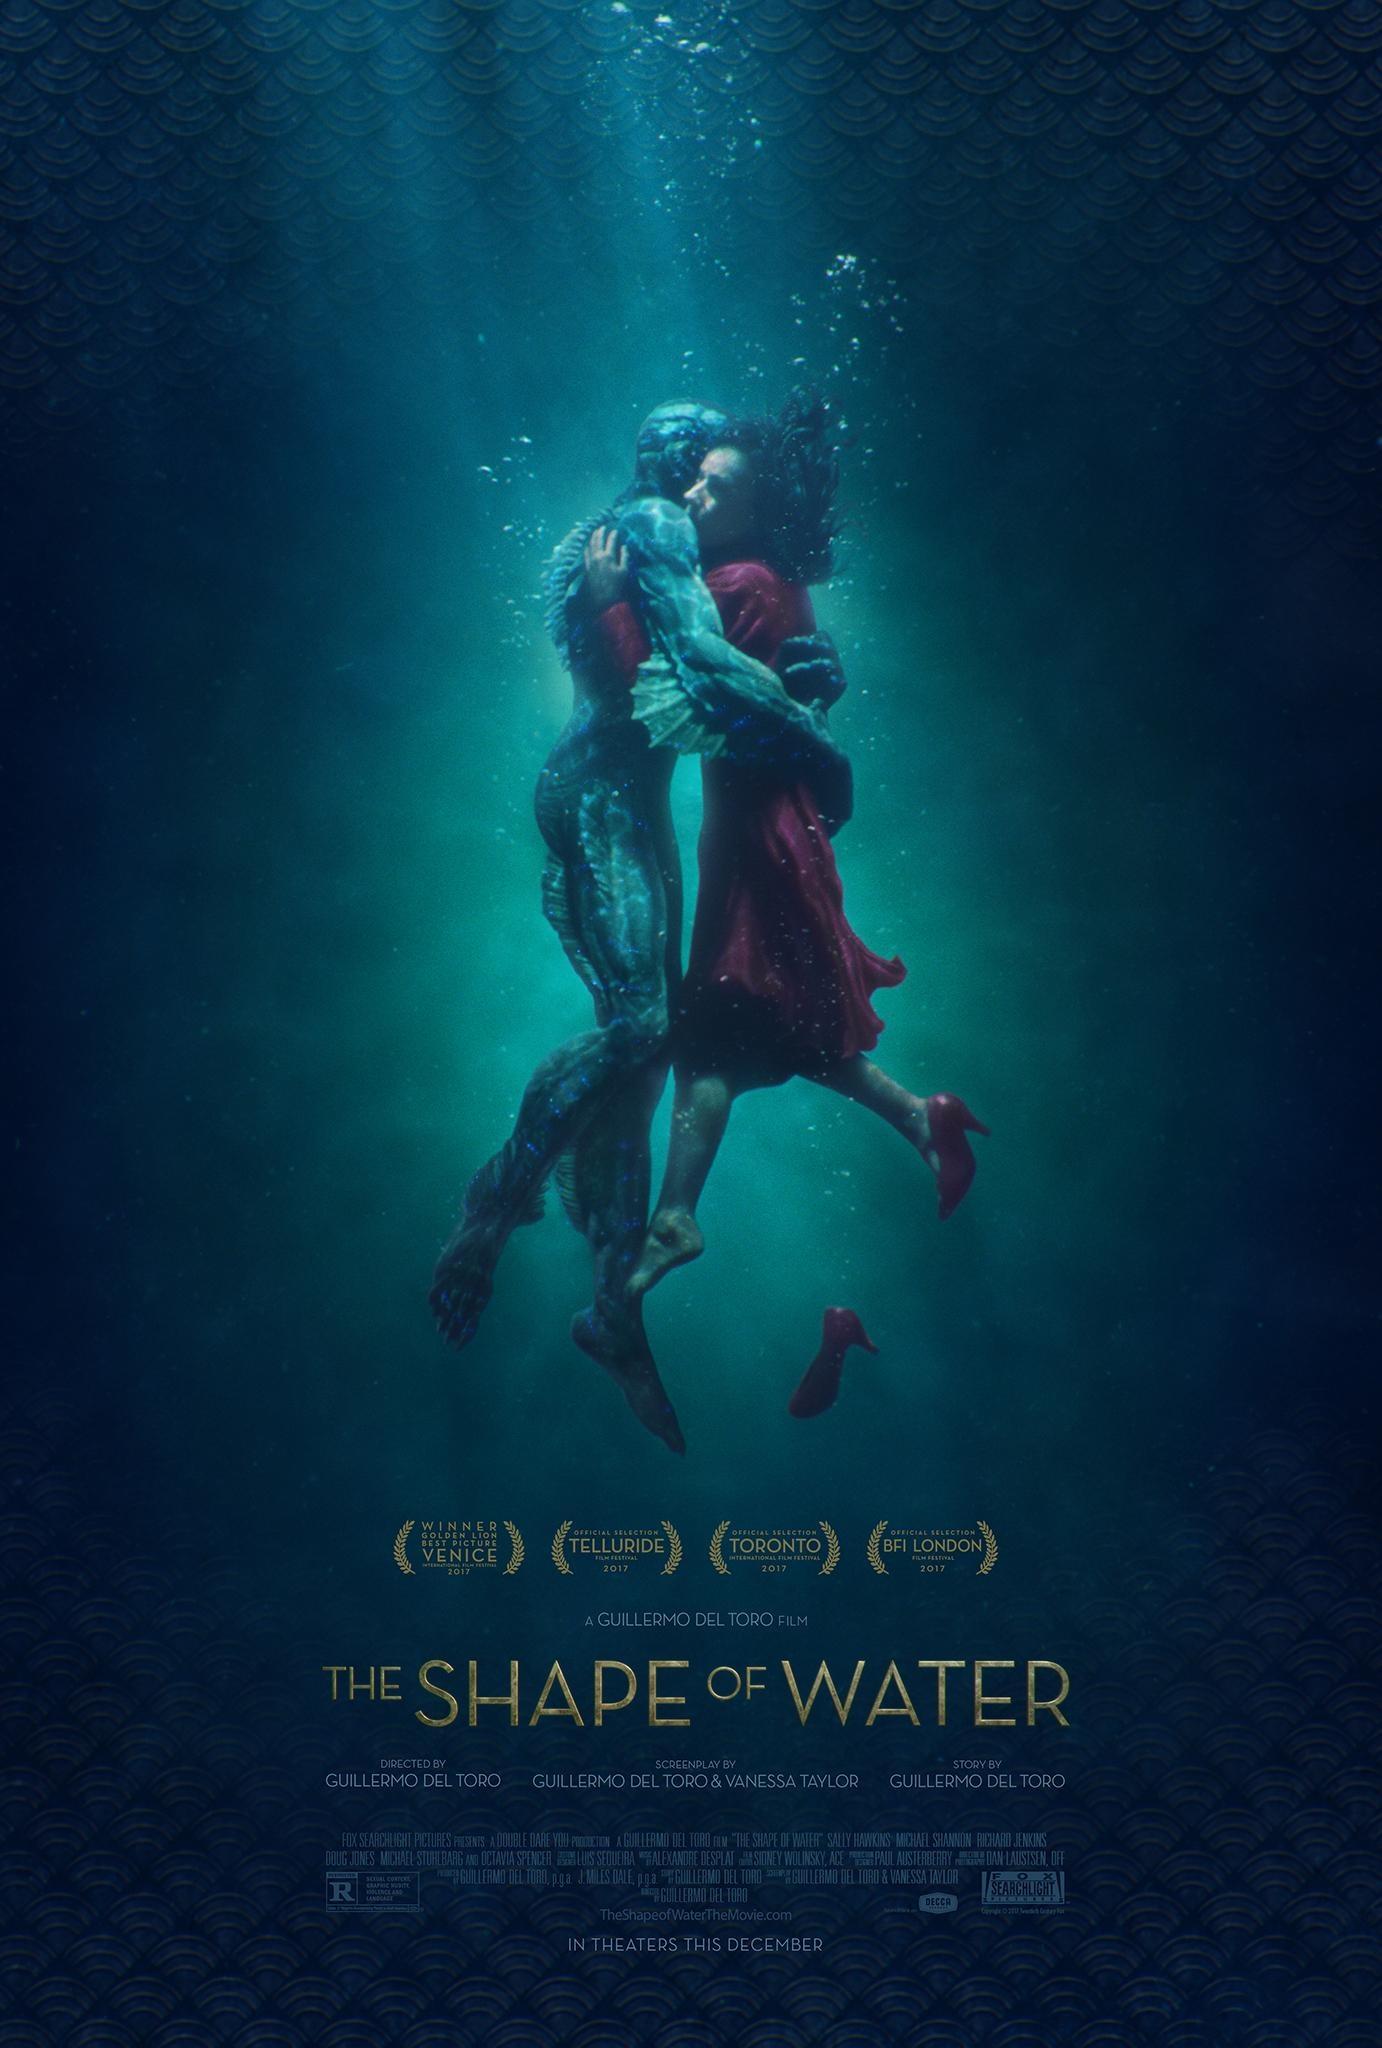 《水形物语》曝光全新海报 人与兽水中相拥相恋_好莱坞